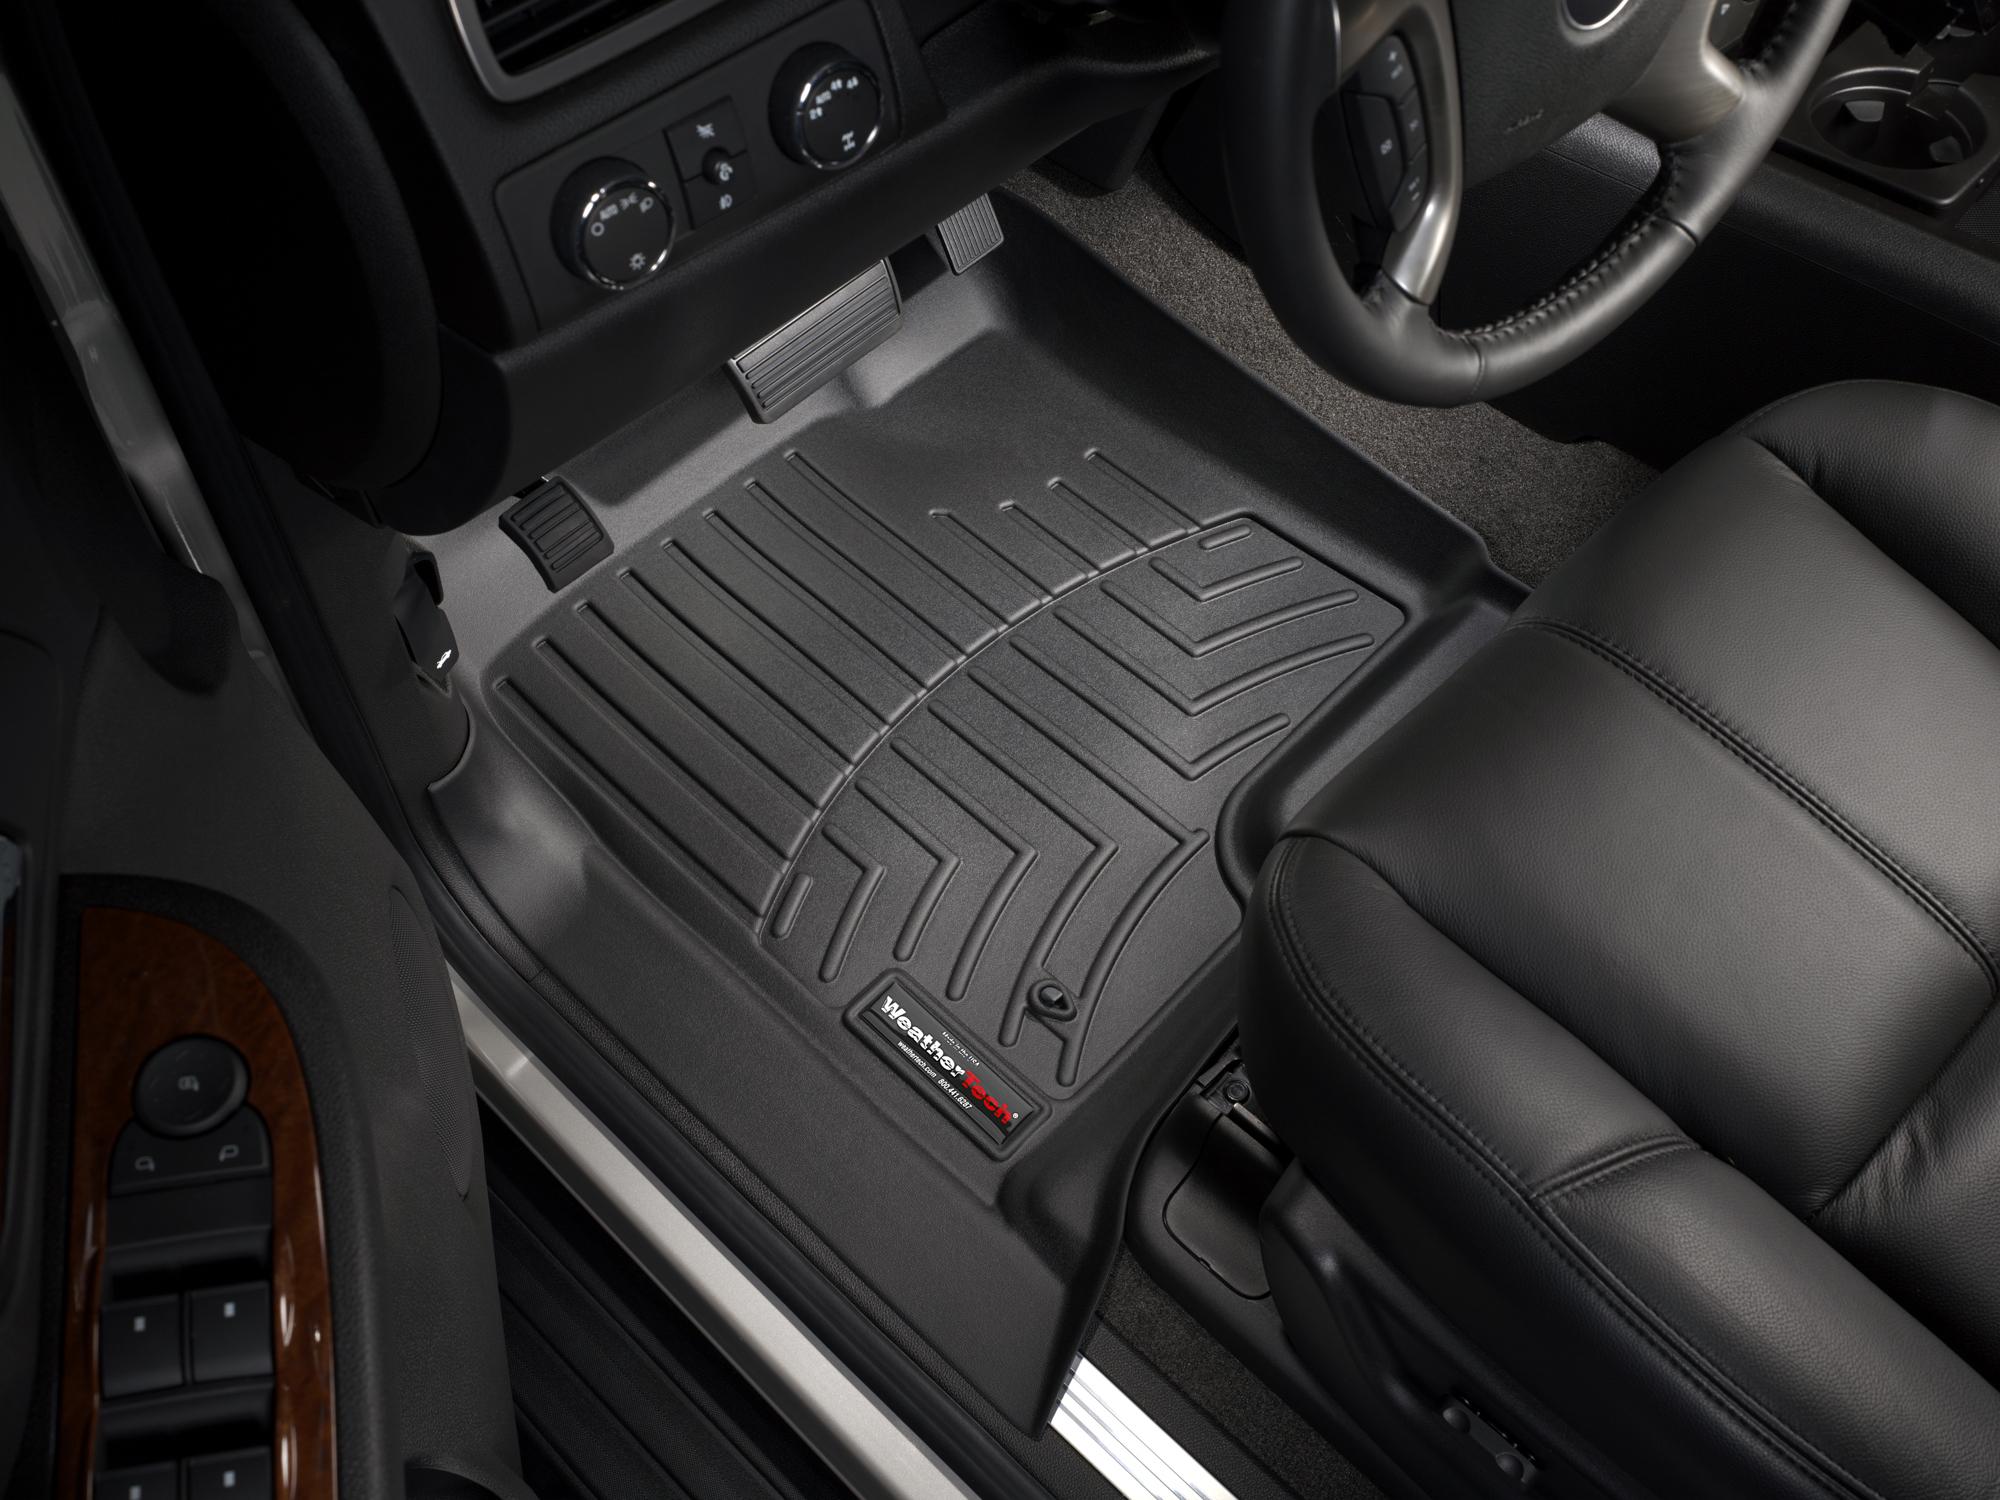 Tappeti gomma su misura bordo alto Chevrolet Silverado 14>14 Nero A187